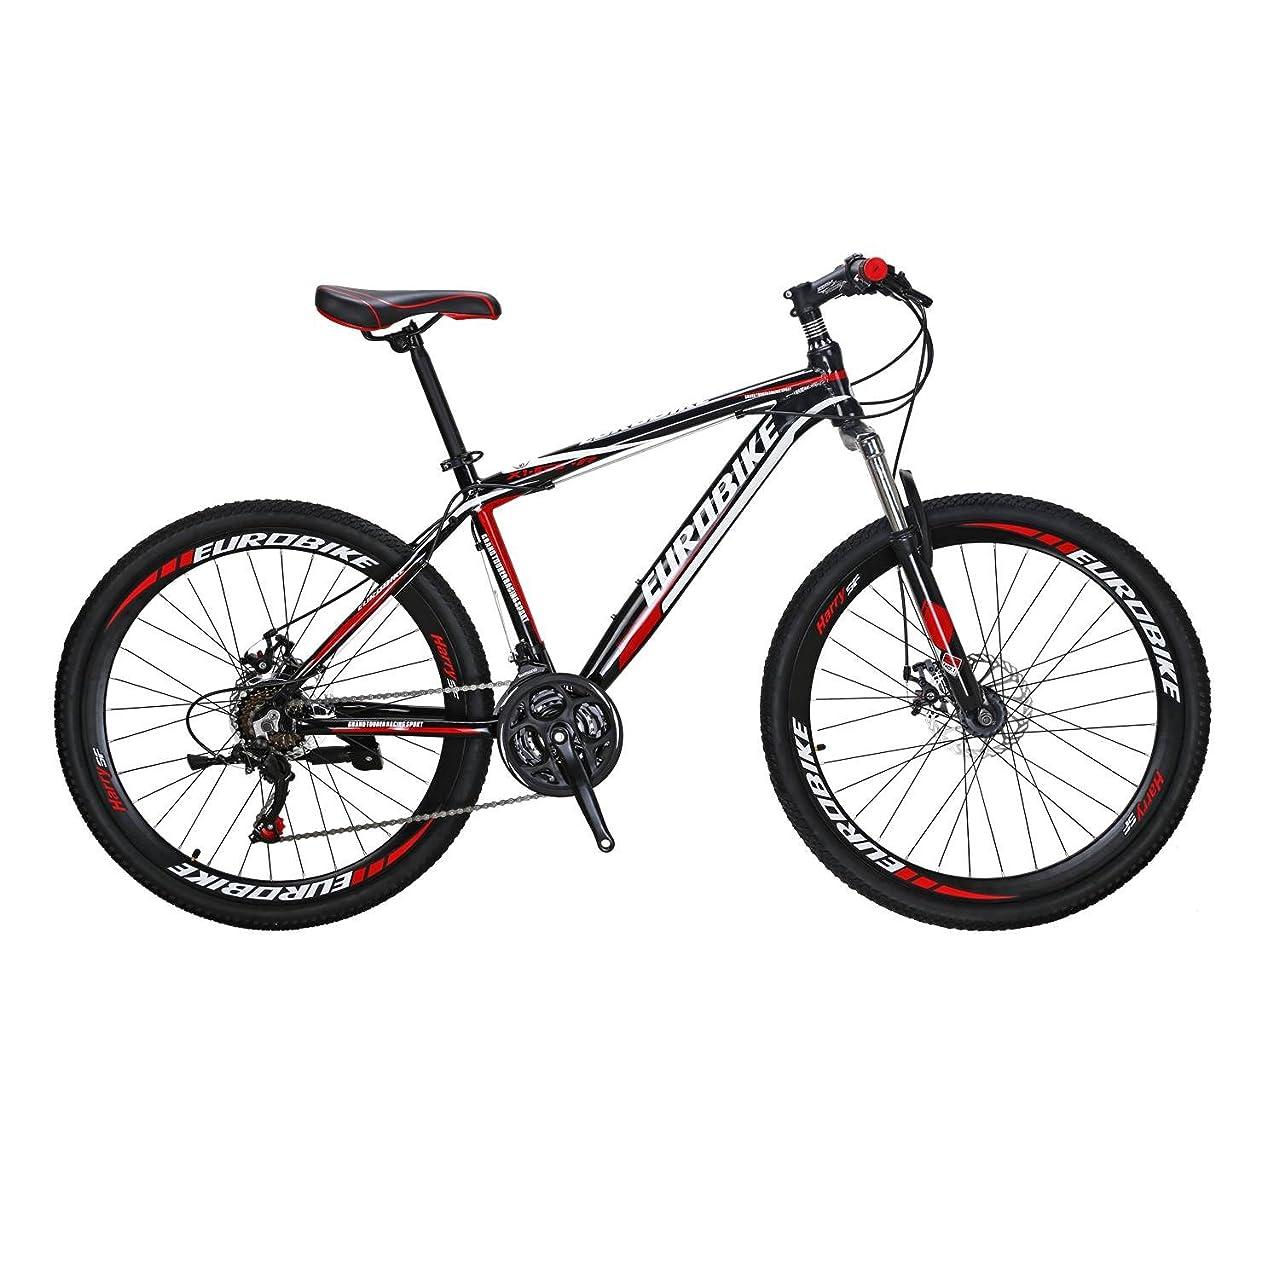 資料休日にアカウントEUROBIKE MTB マウンテンバイク アルミニウム合金 X1-GTR 26インチ 21段変速 前後ディスクブレーキ ハードテイル 軽量 通勤 通学 自転車